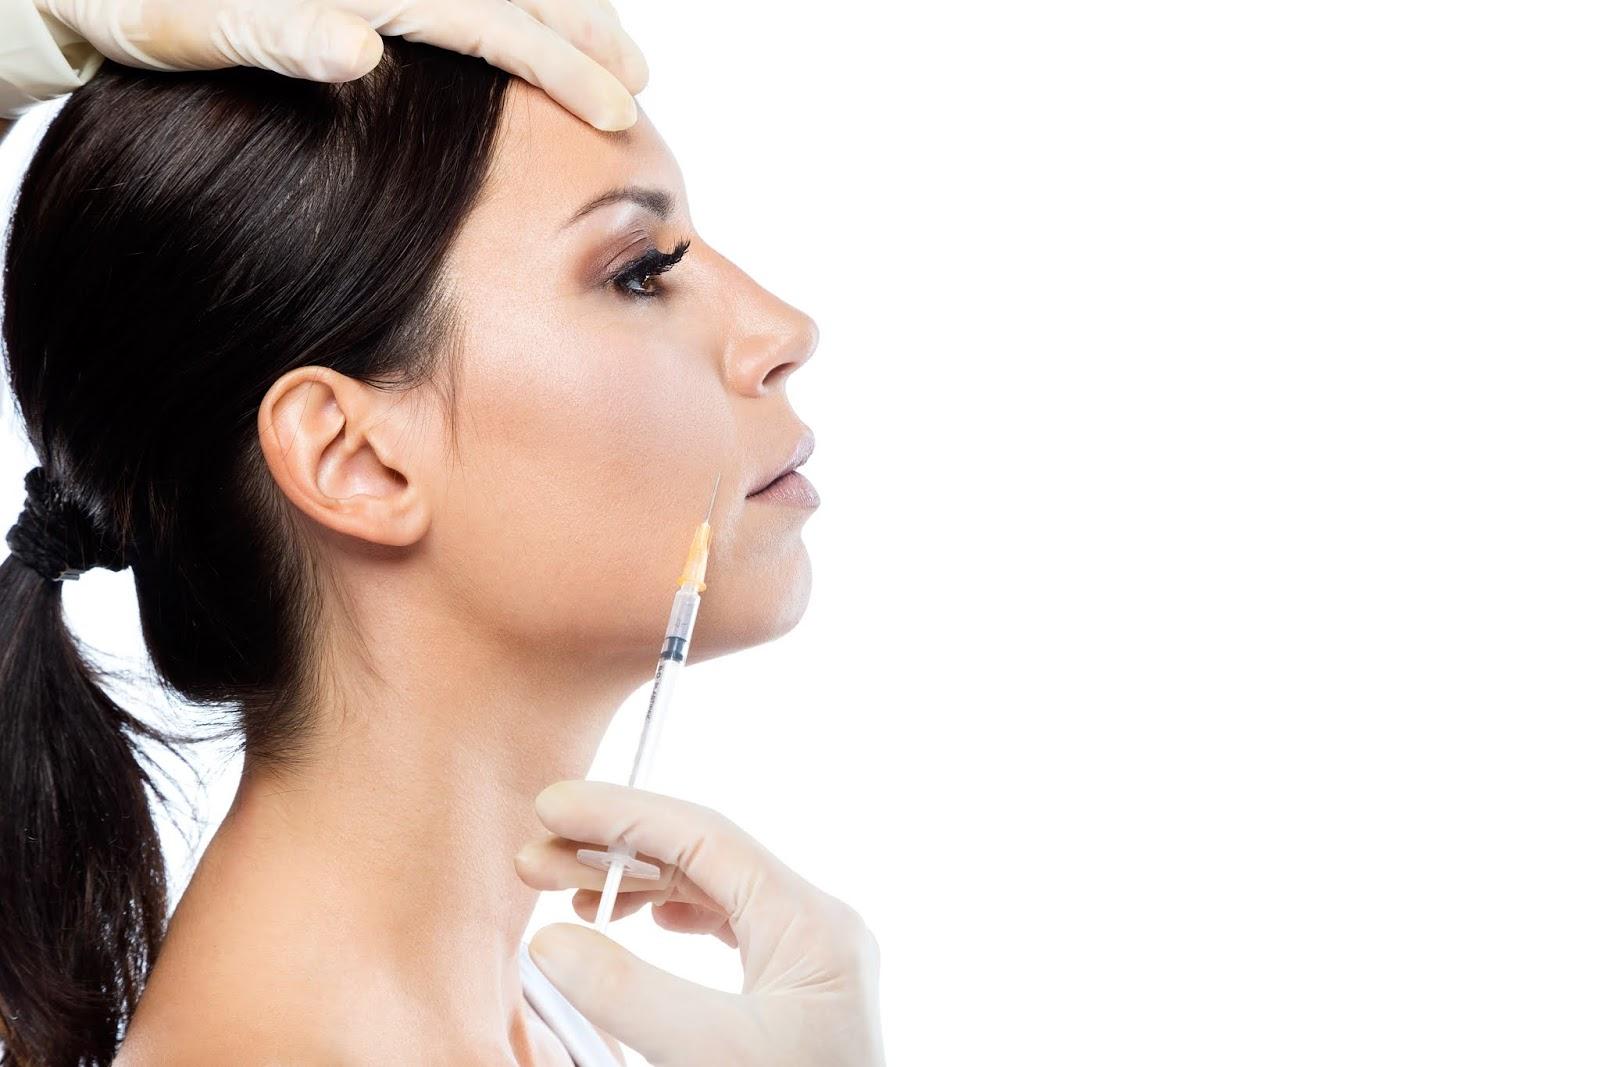 aplicação de botox estética e bem estar beauty lounge estética curitiba _ blog mamãe de salto